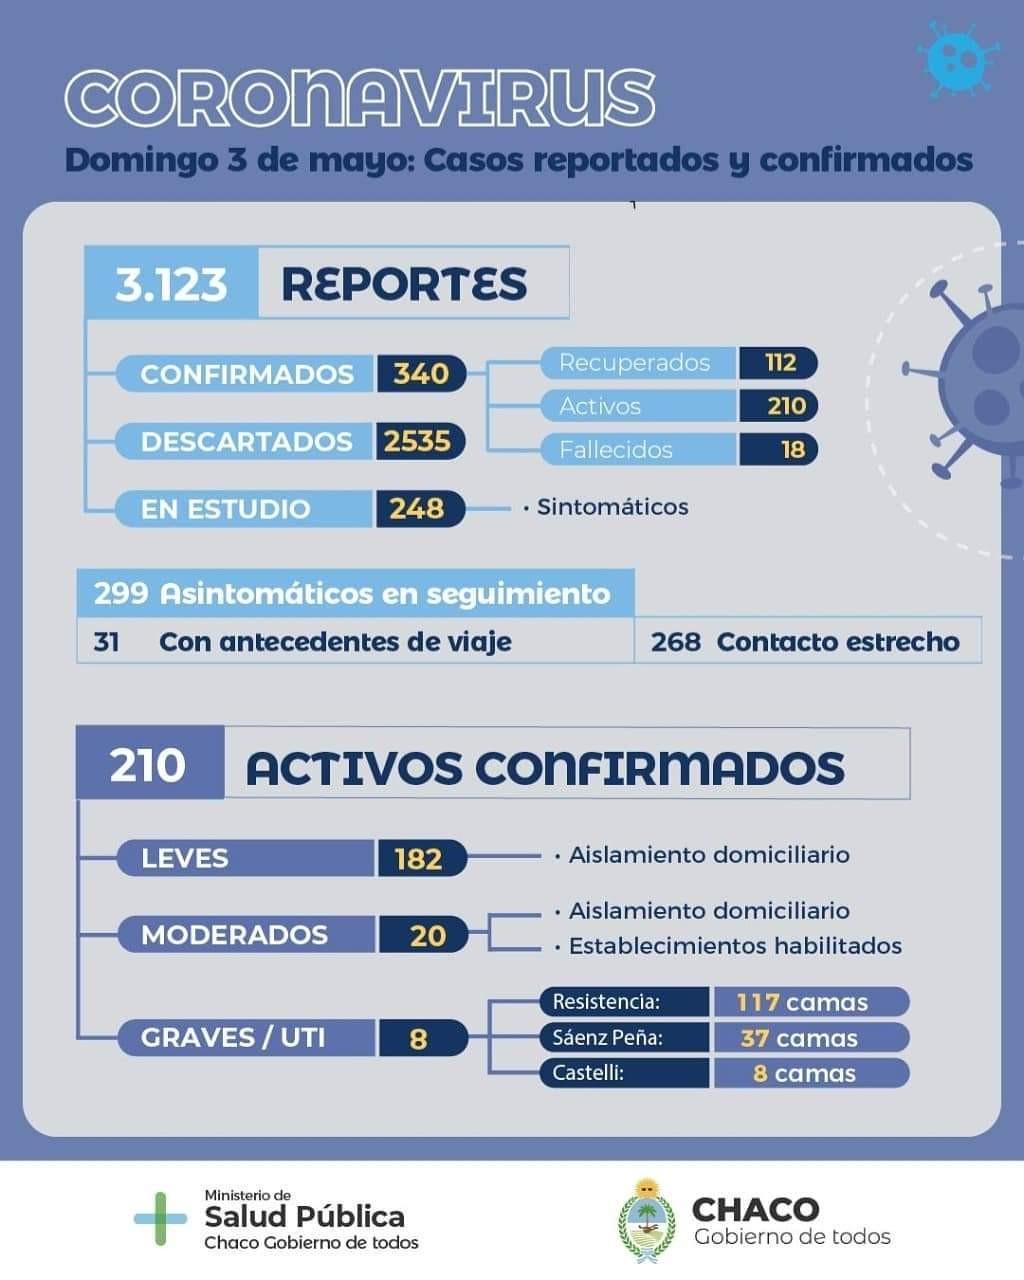 SALUD ACTUALIZÓ LA SITUACIÓN EPIDEMIOLÓGICA Y BRINDÓ RECOMENDACIONES PARA PREVENIR CONTAGIOS